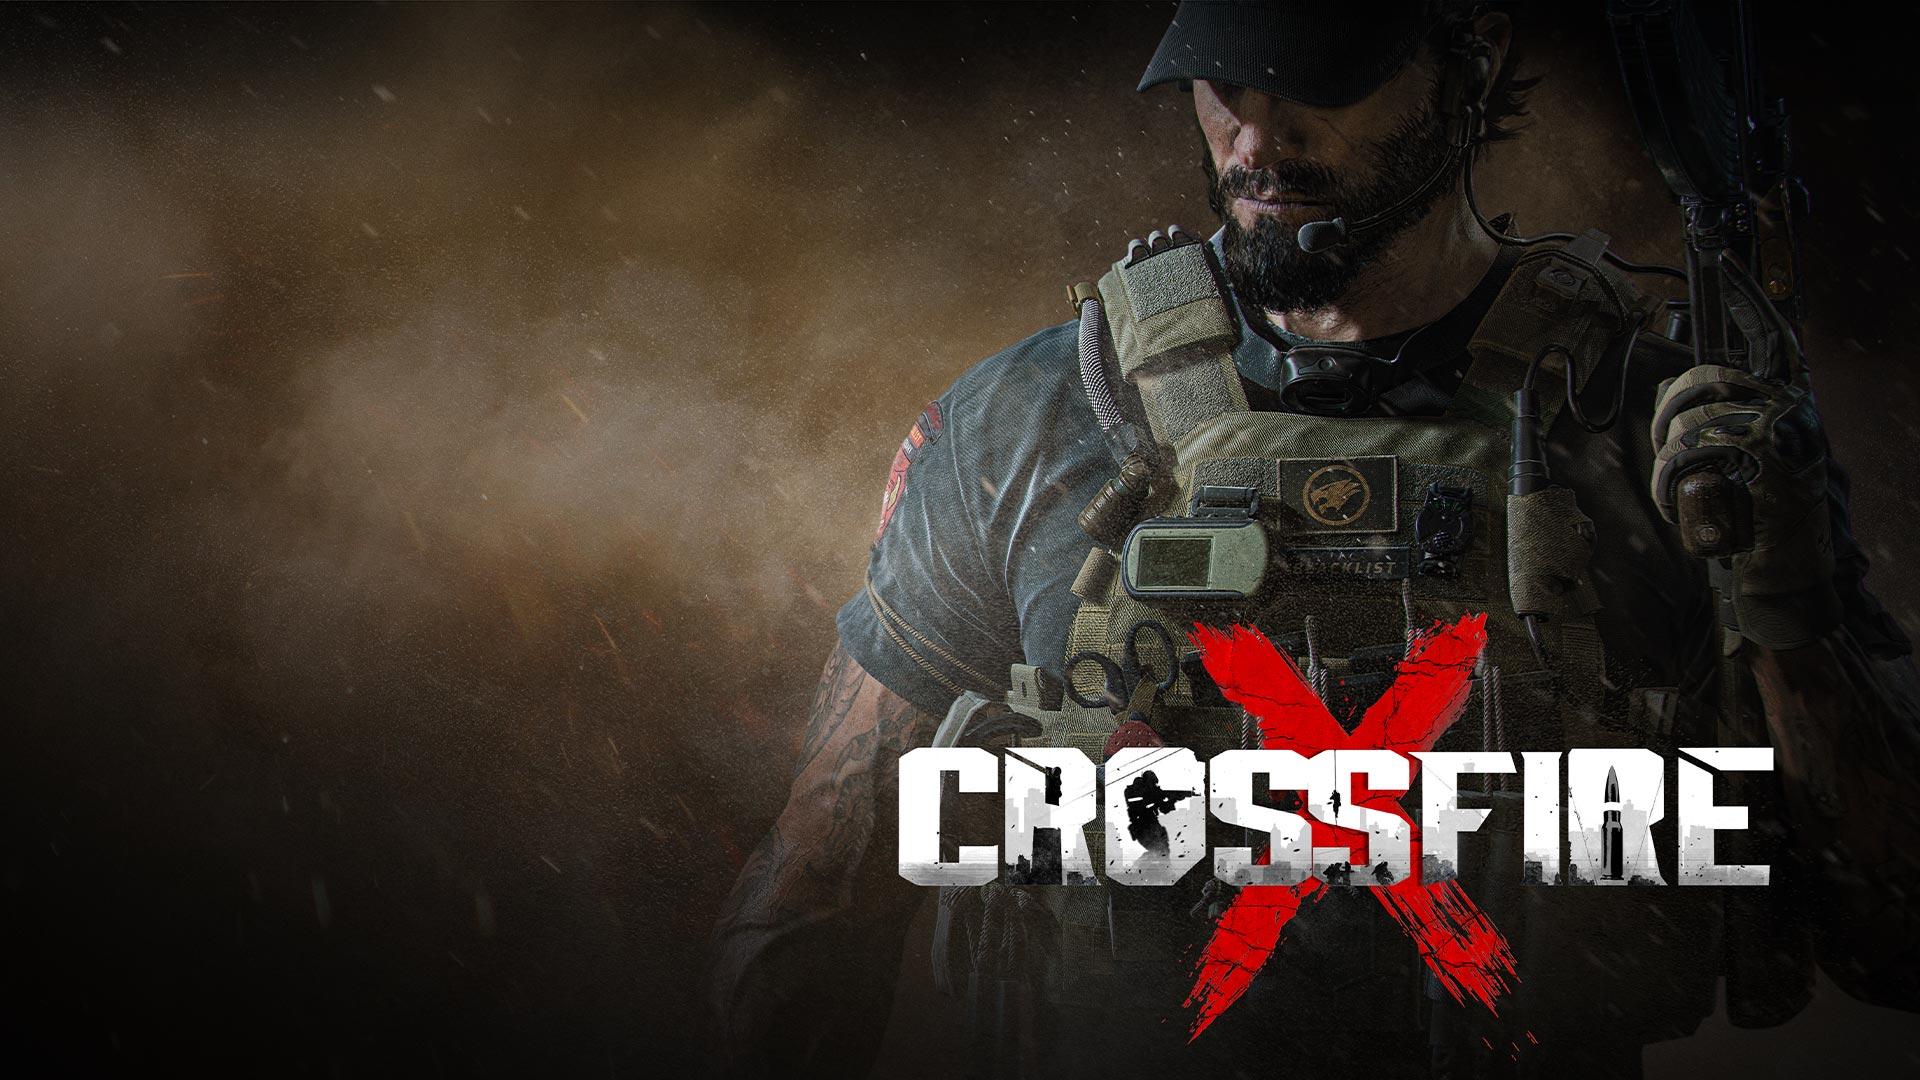 CrossfireX - Open Beta